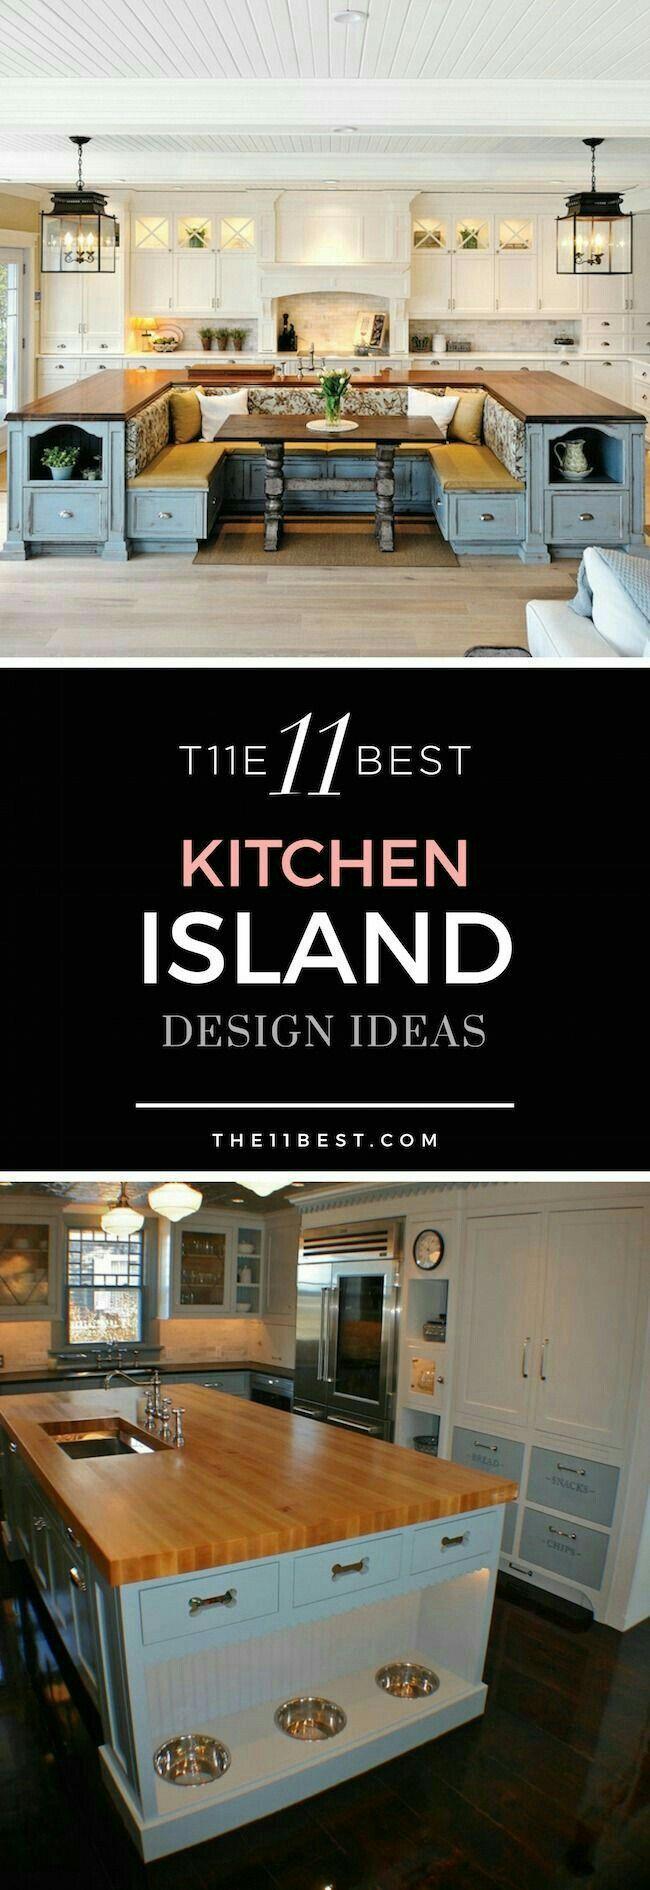 569 besten Home Bilder auf Pinterest | Wohnideen, Bemalte möbel und ...